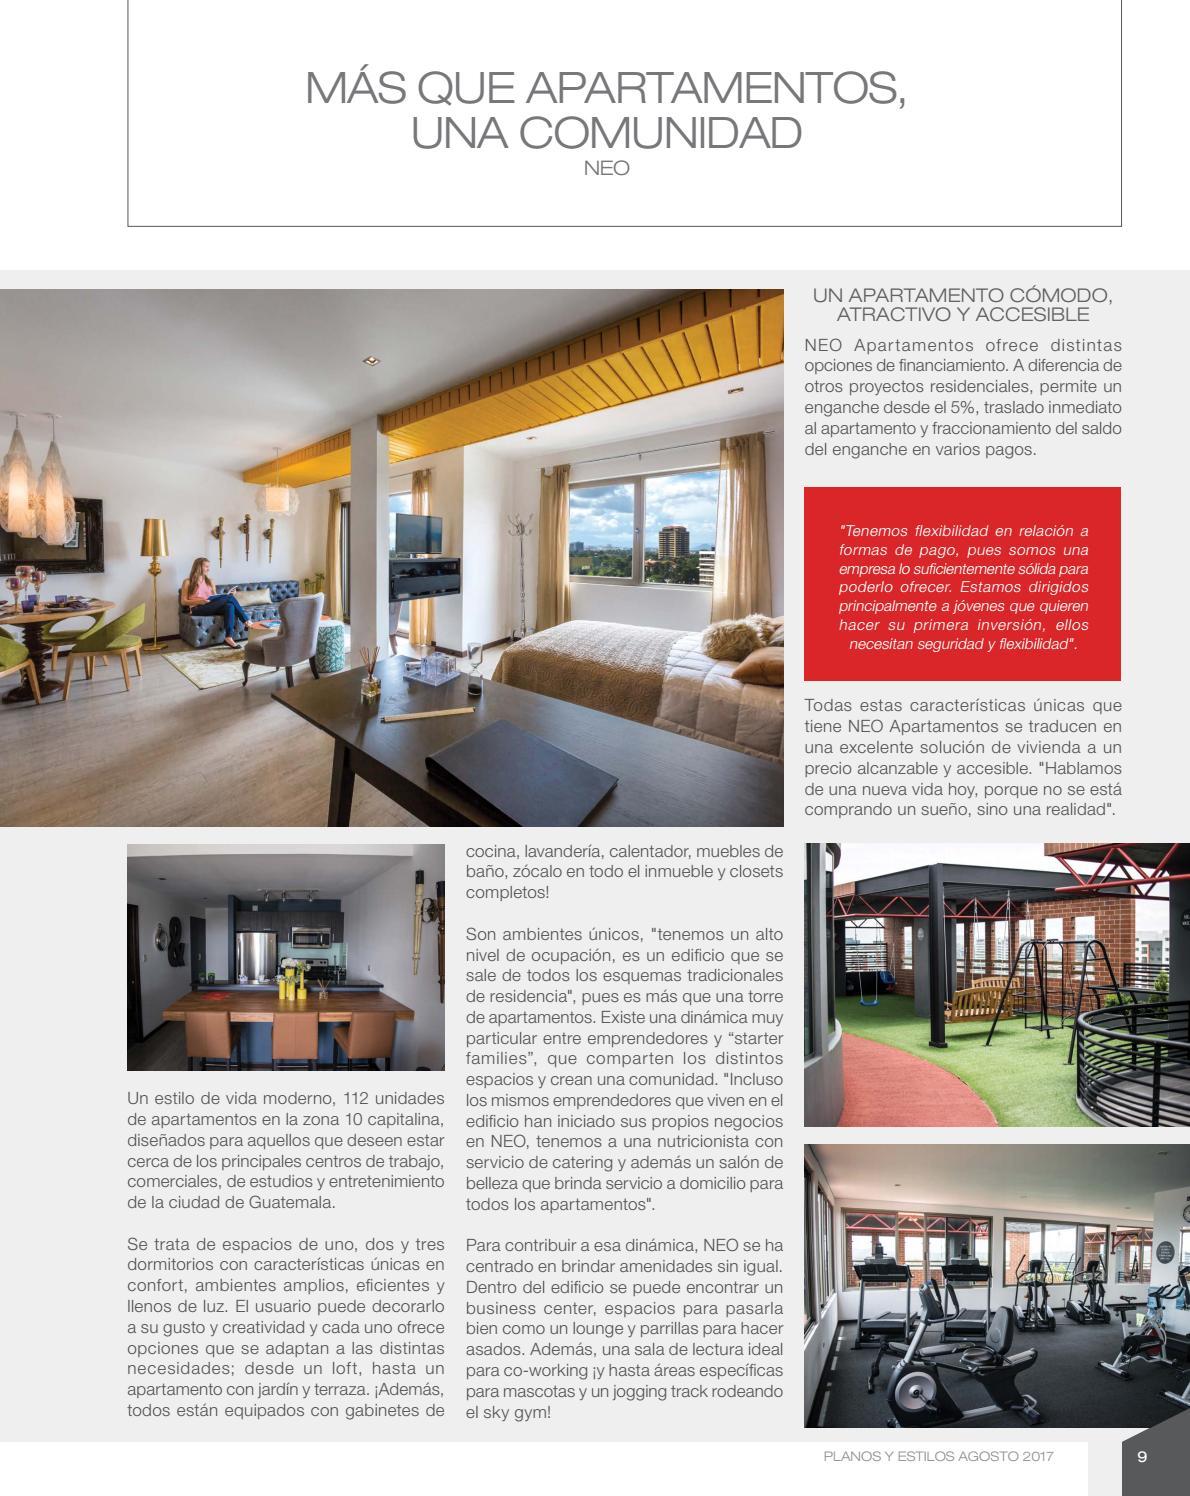 Arquitectura Comercial by Planos y Estilos - issuu